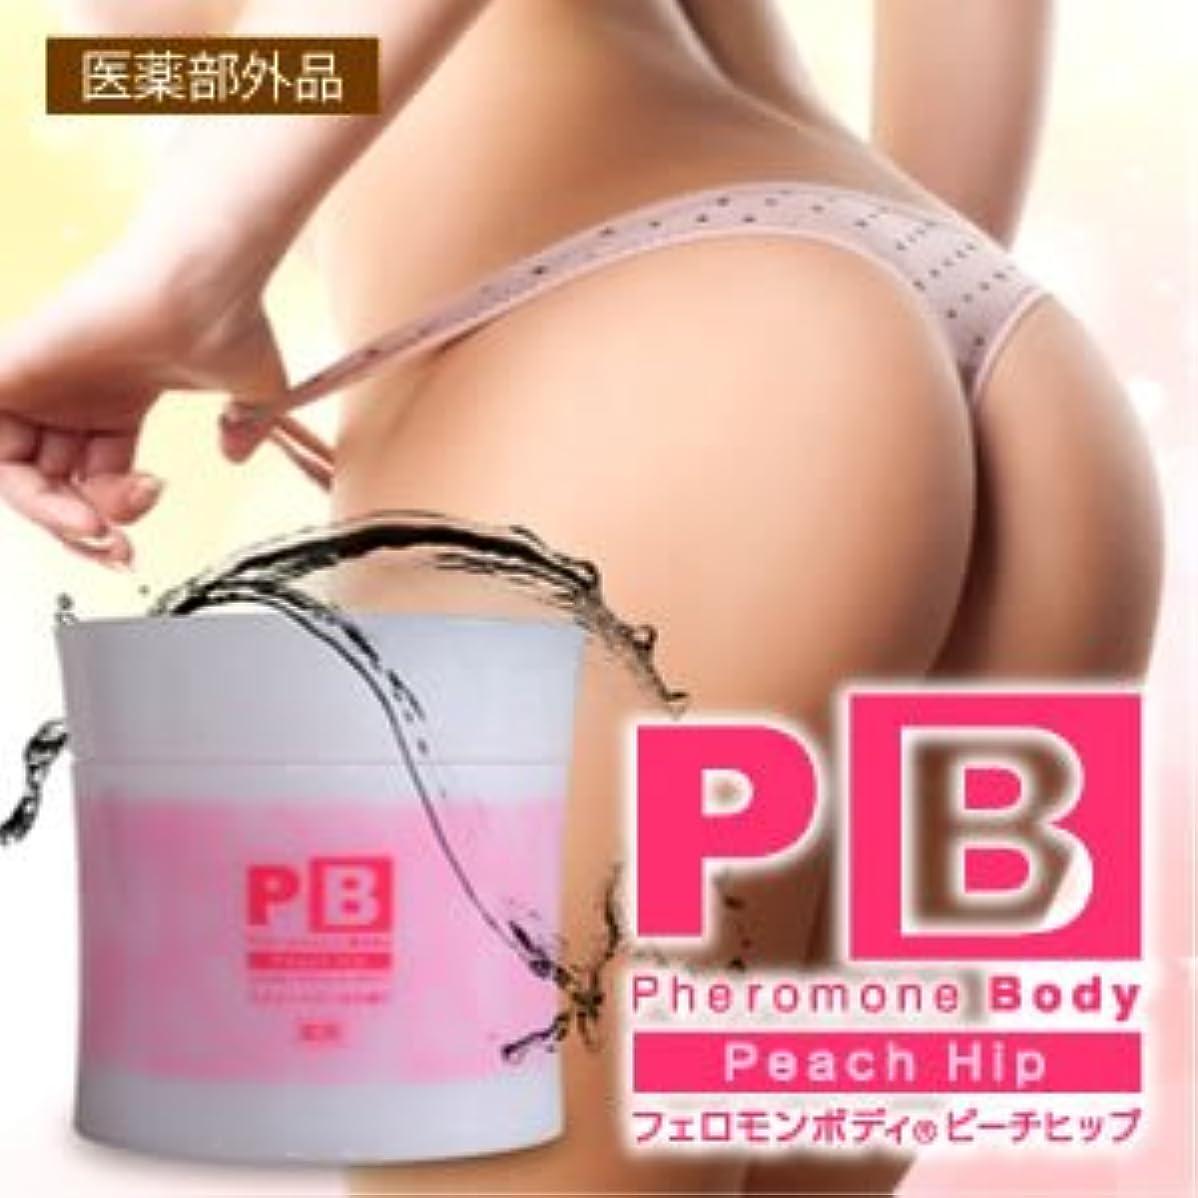 薬用フェロモンボディピーチヒップ 500g×3個セット【今ならポーチプレゼント】